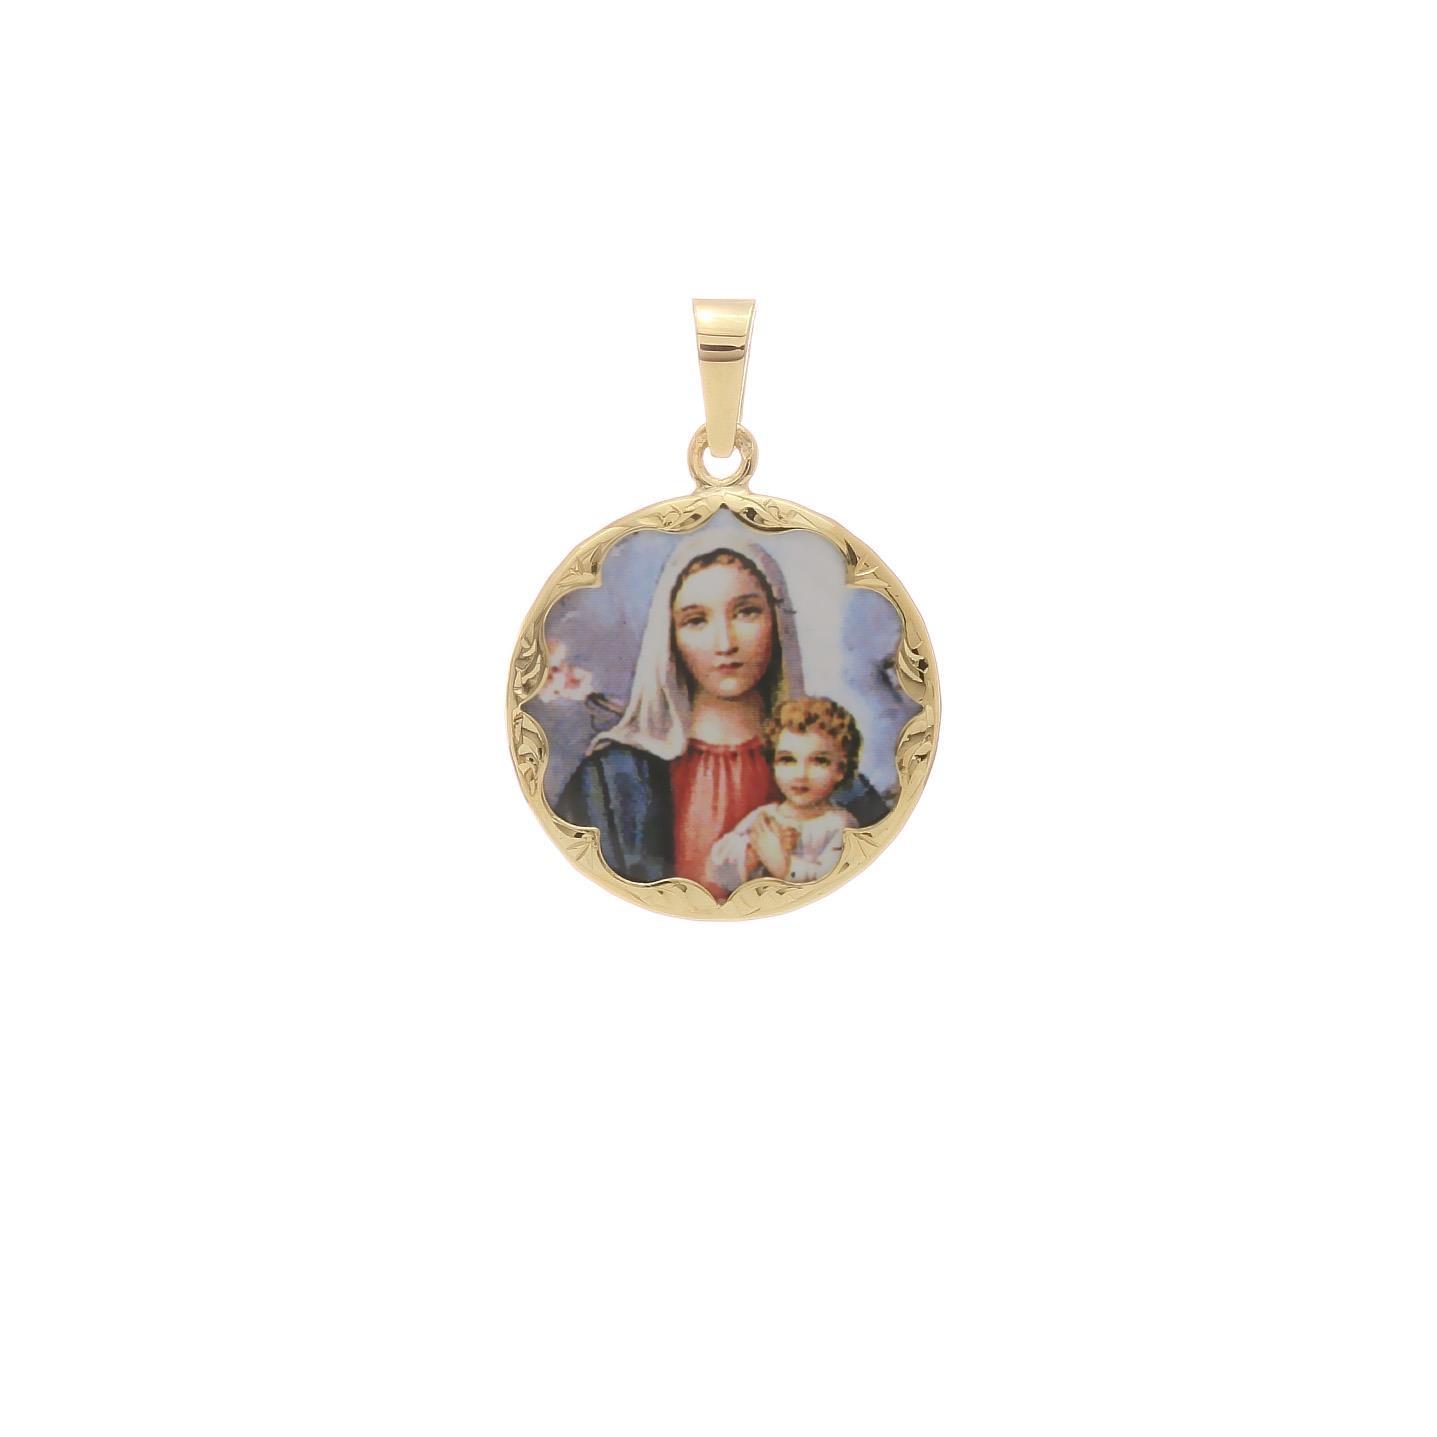 Božia Matka s dieťaťom okrúhly medailón 2VS00196